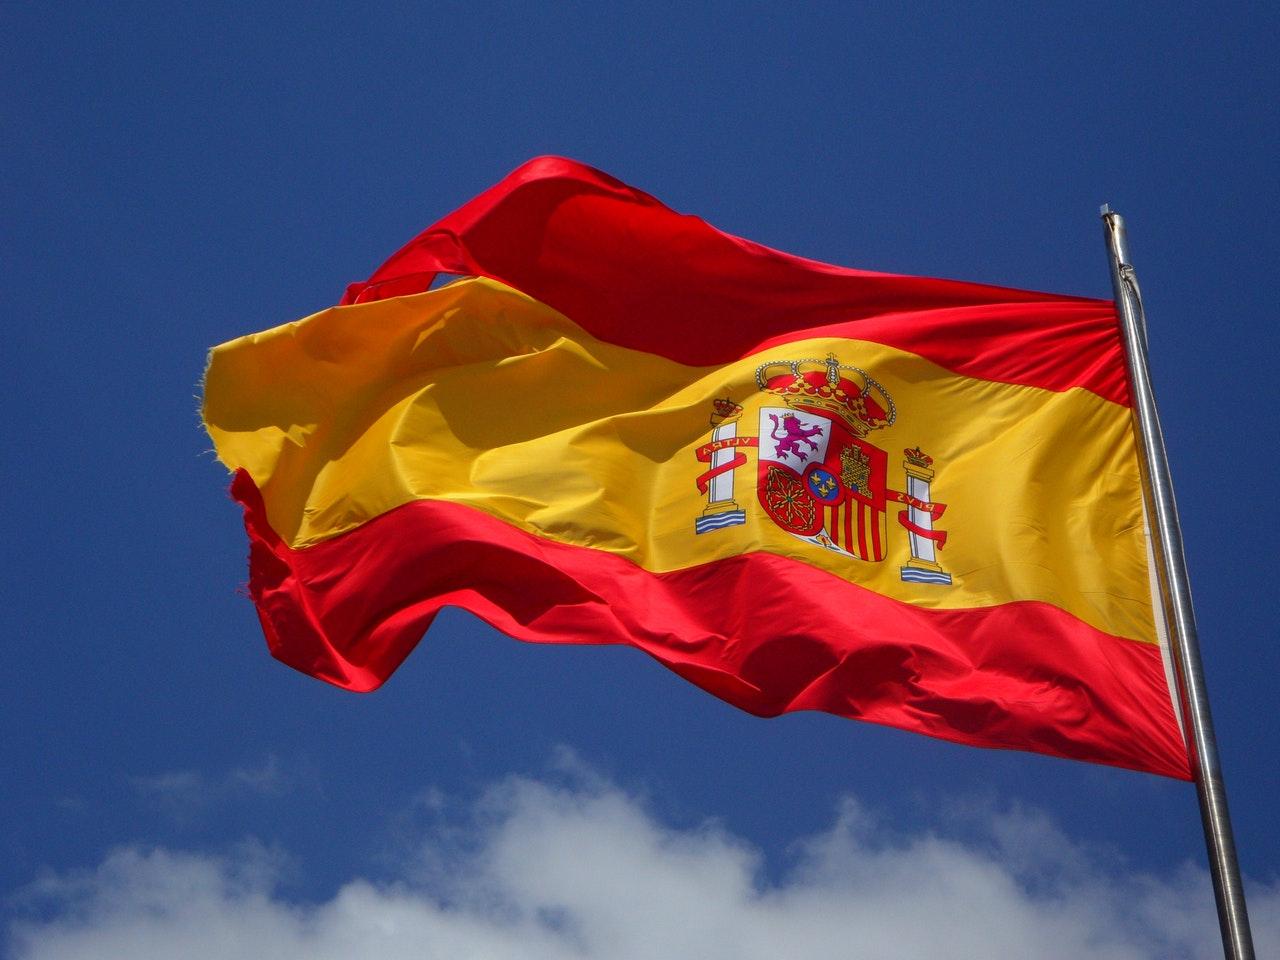 La Credenza In Spagnolo : Imparare lo spagnolo online? sì si può! fashion times